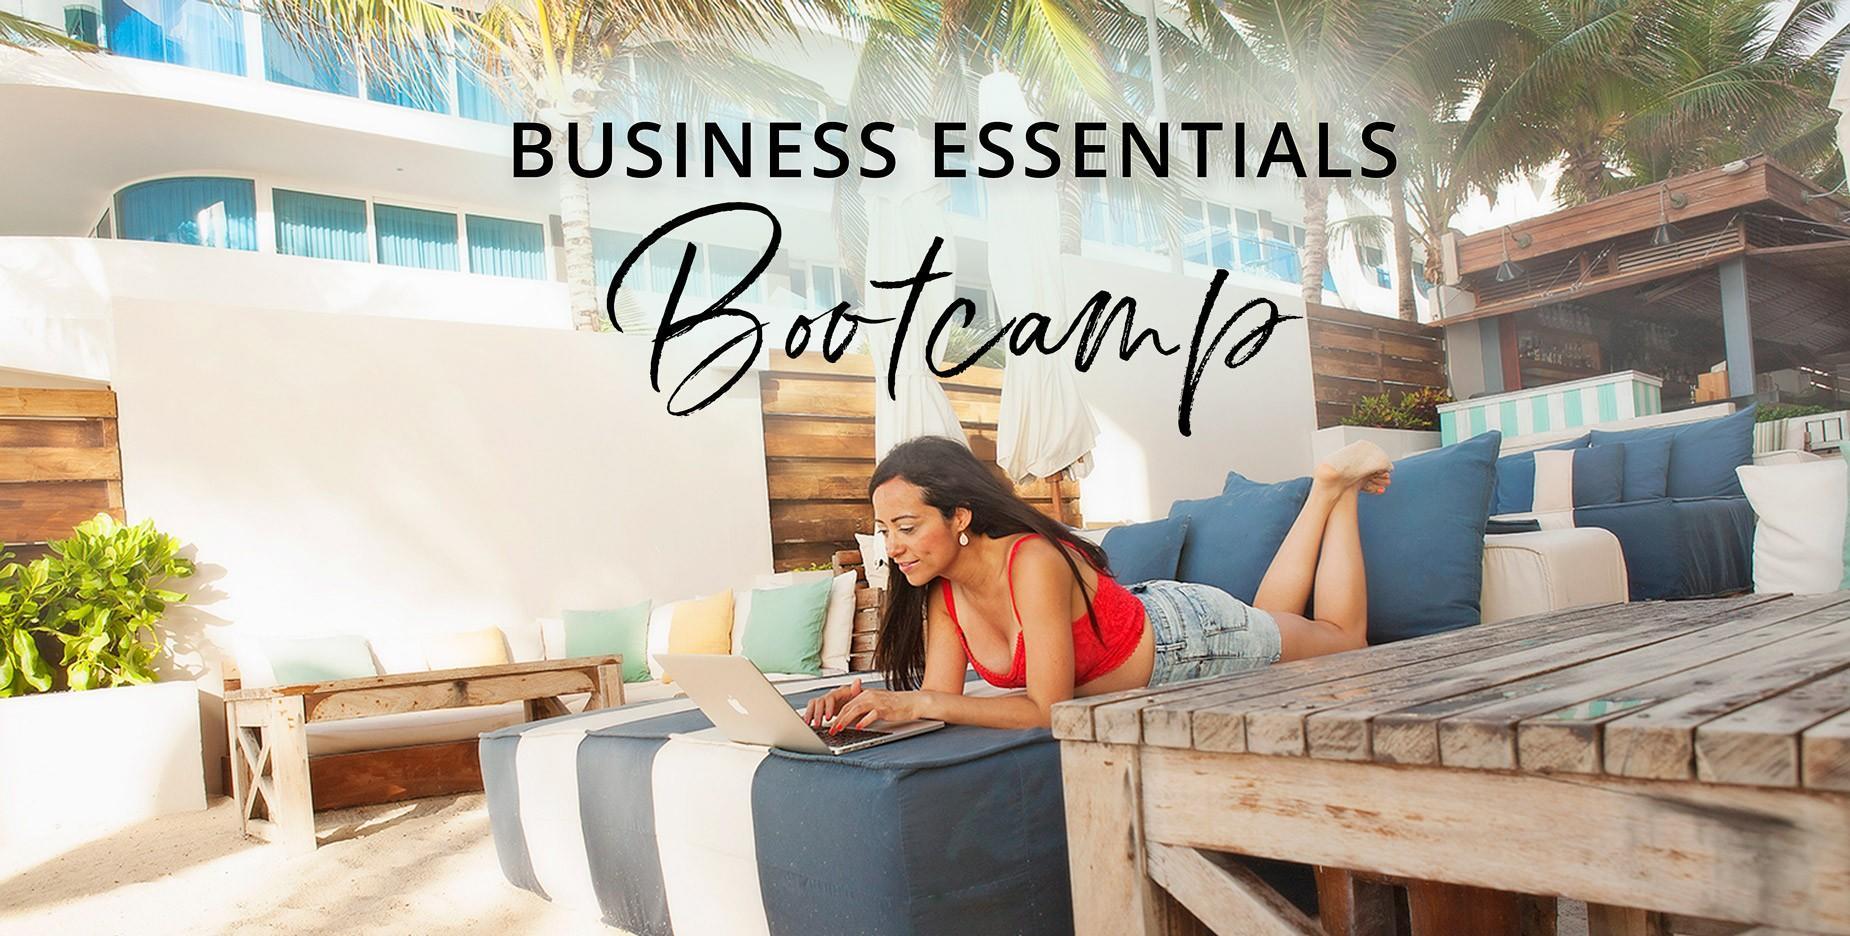 Business Essentials Bootcamp